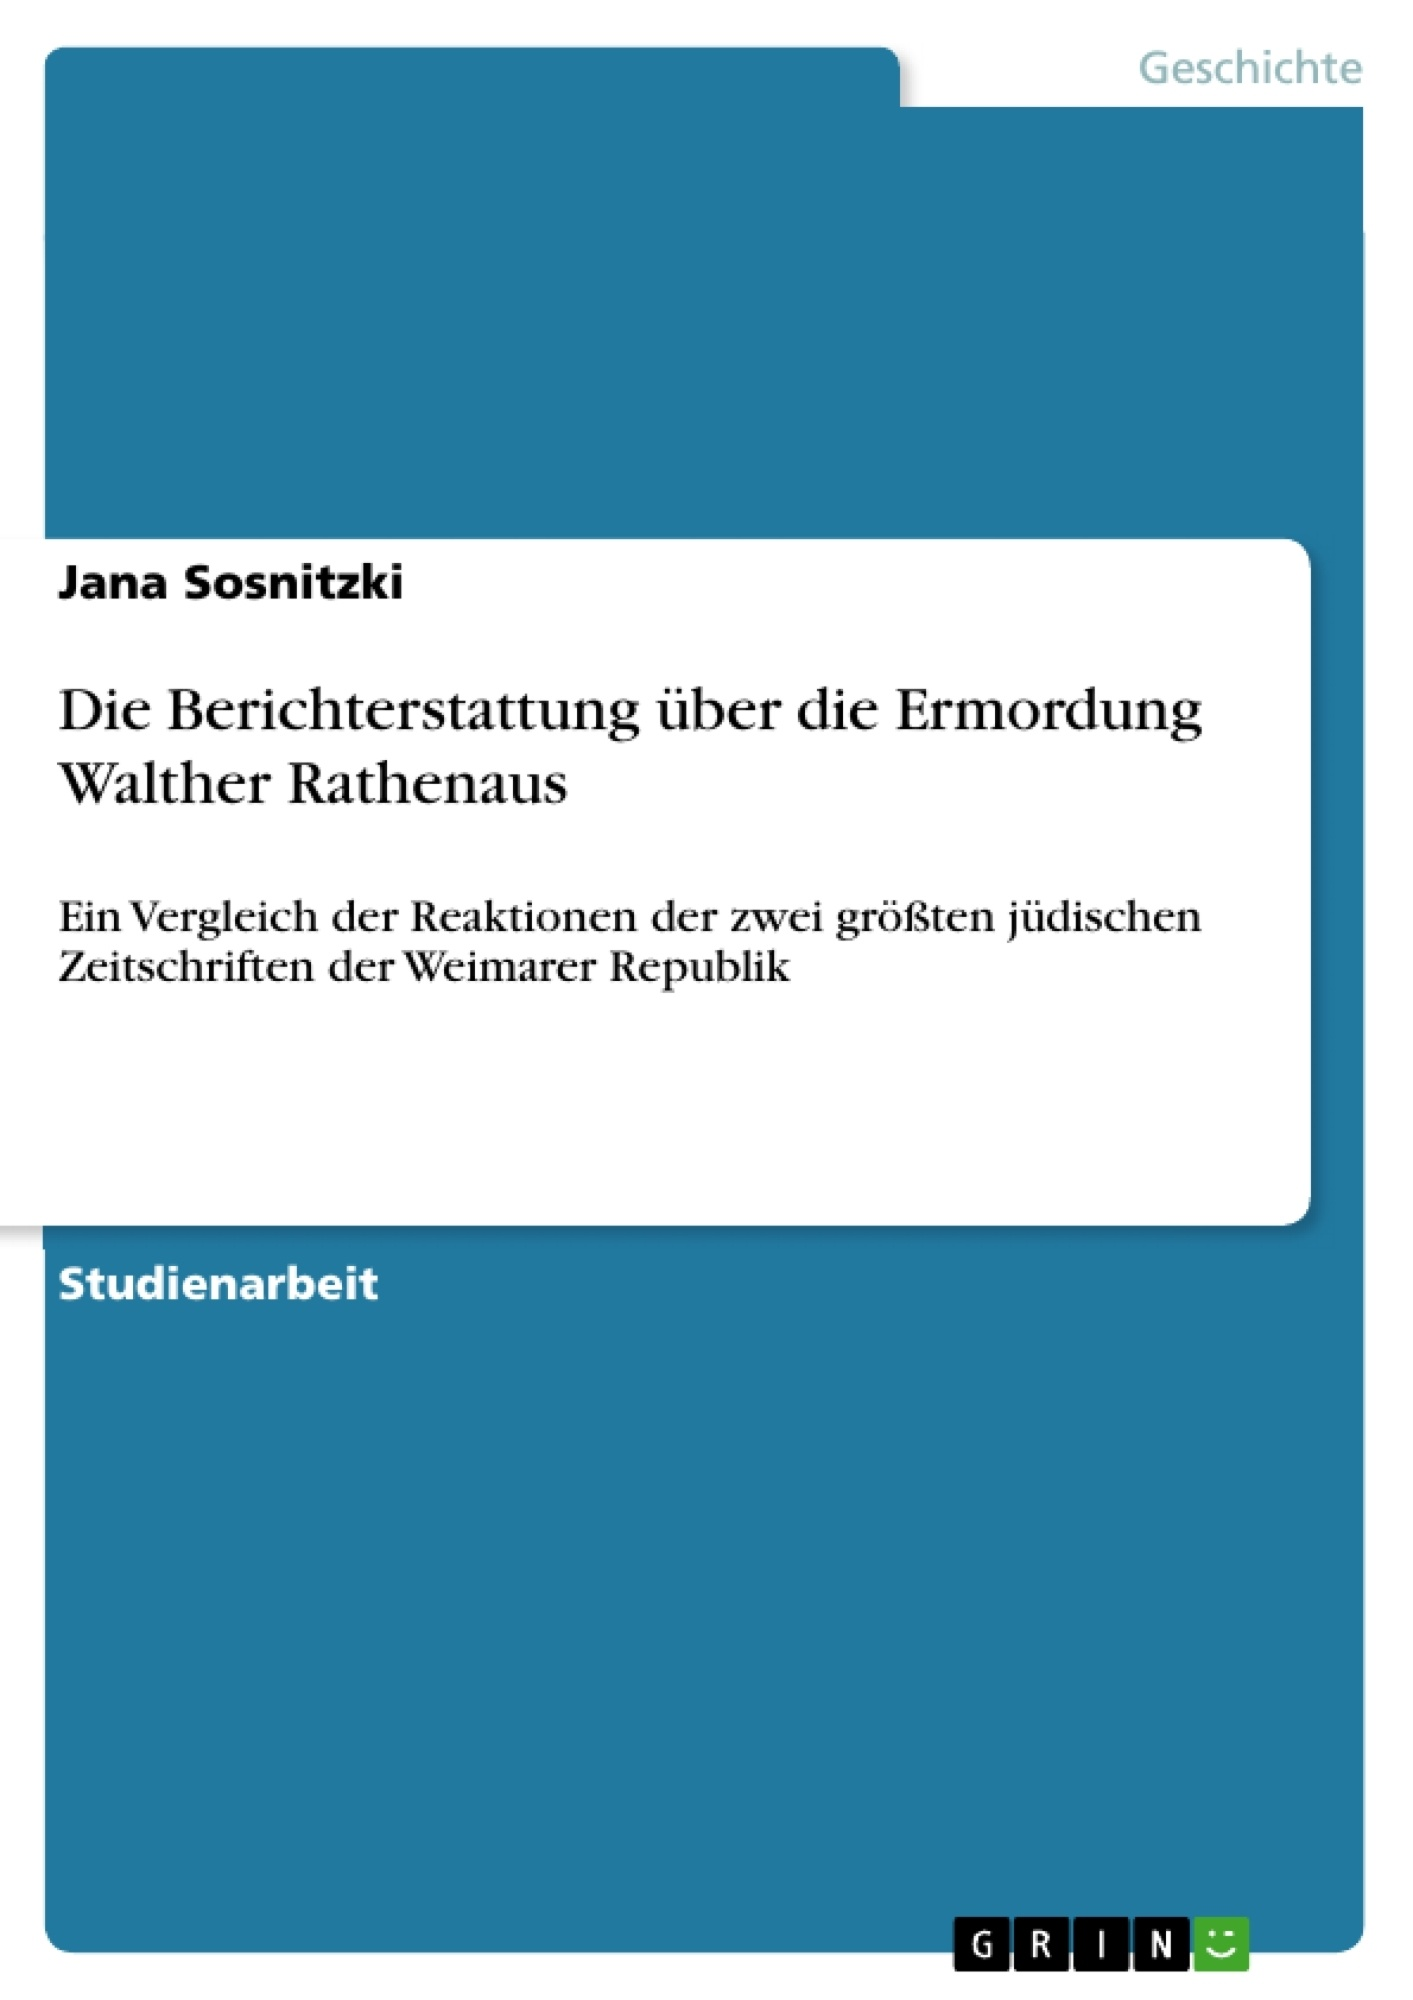 Titel: Die Berichterstattung über die Ermordung Walther Rathenaus